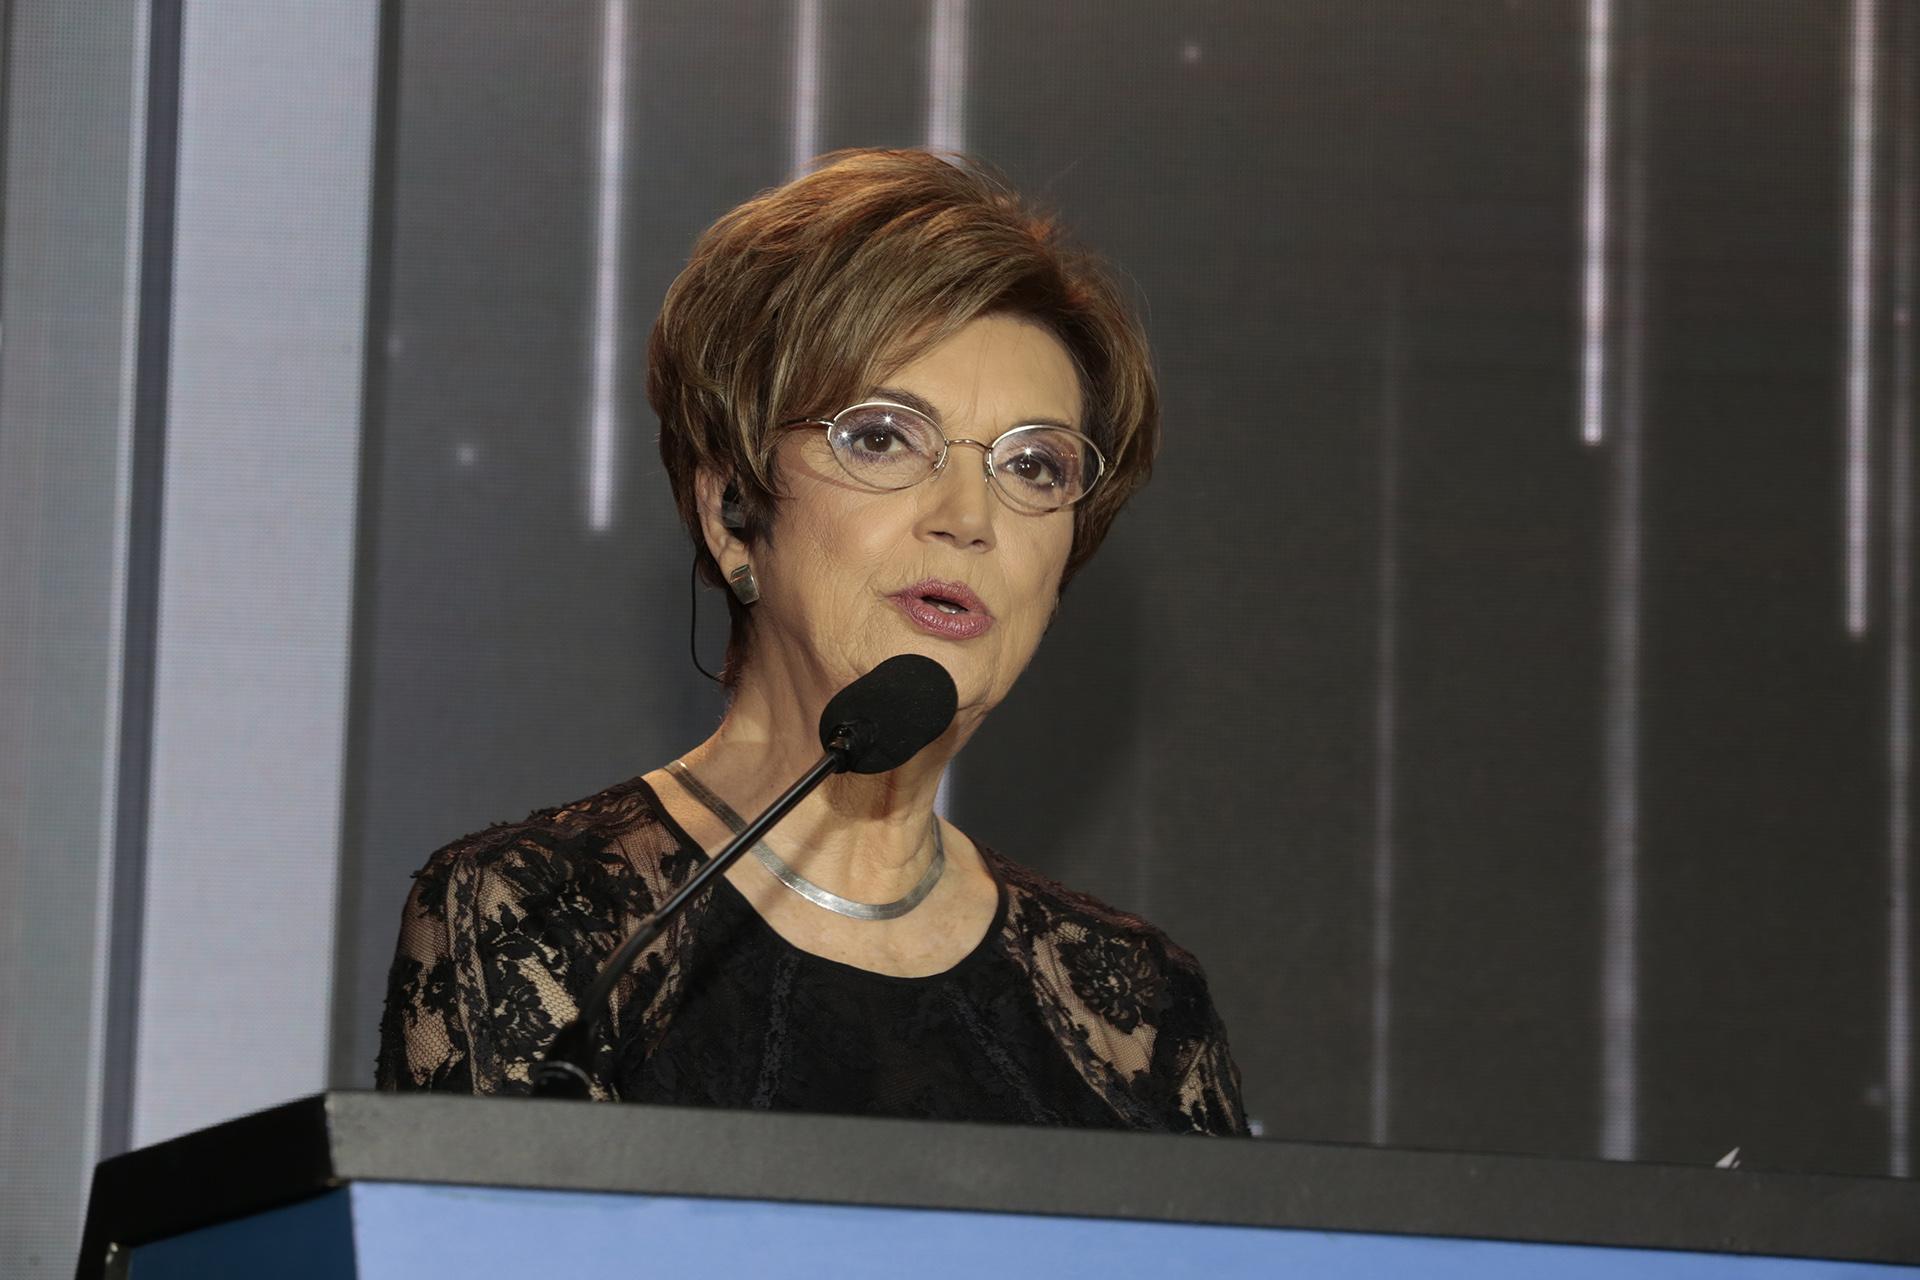 La conducción de la ceremonia estuvo a cargo de Gigliola Zecchin, Canela